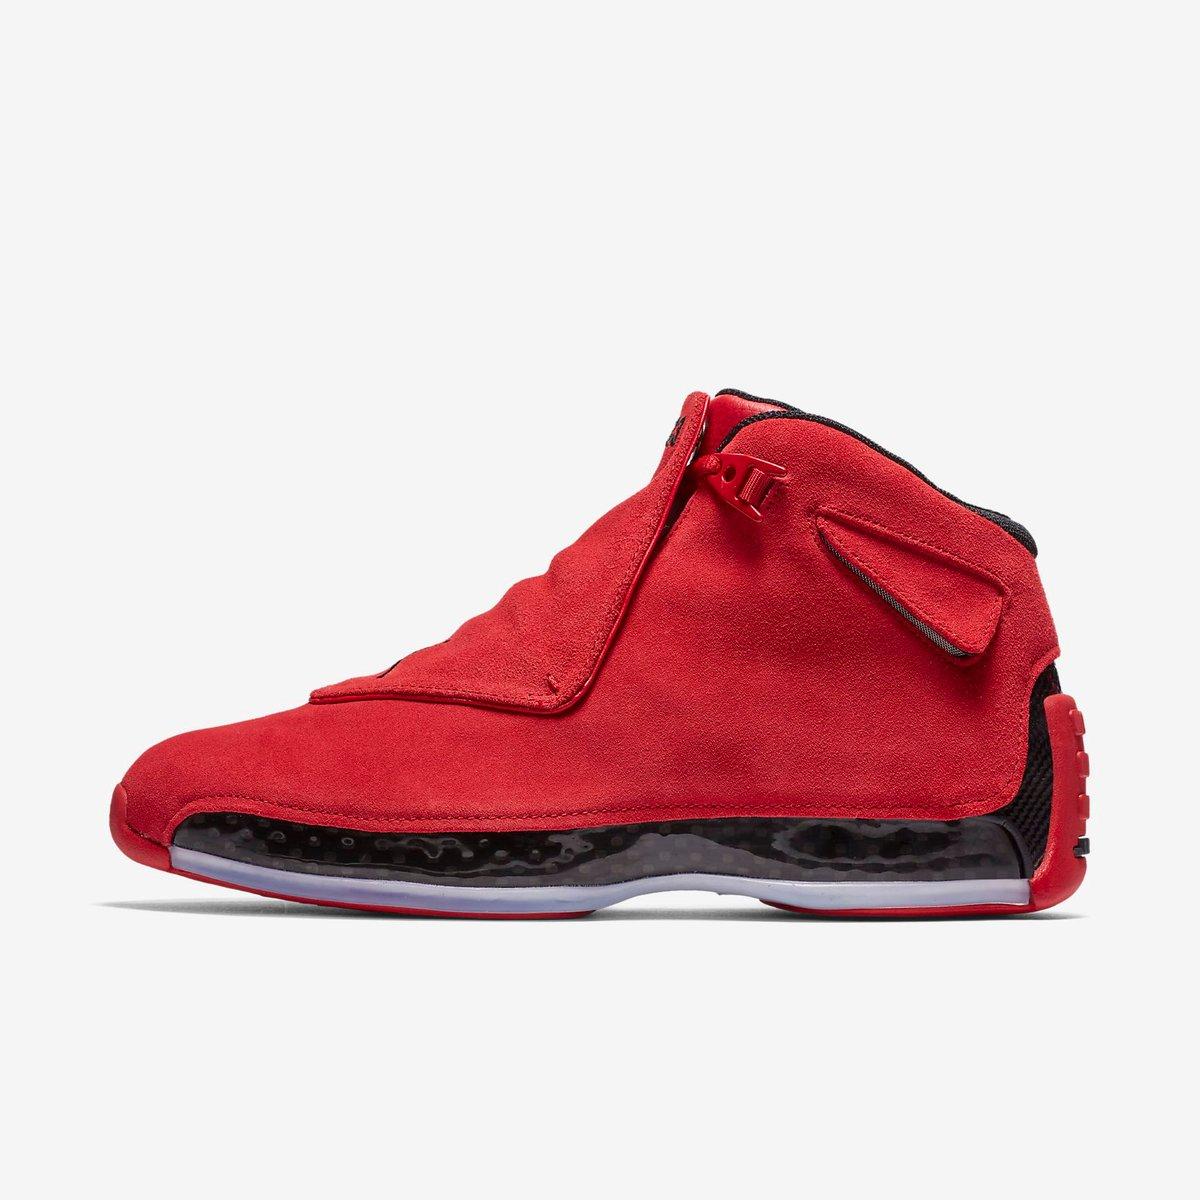 5a80597423a259 Sneaker News on Twitter